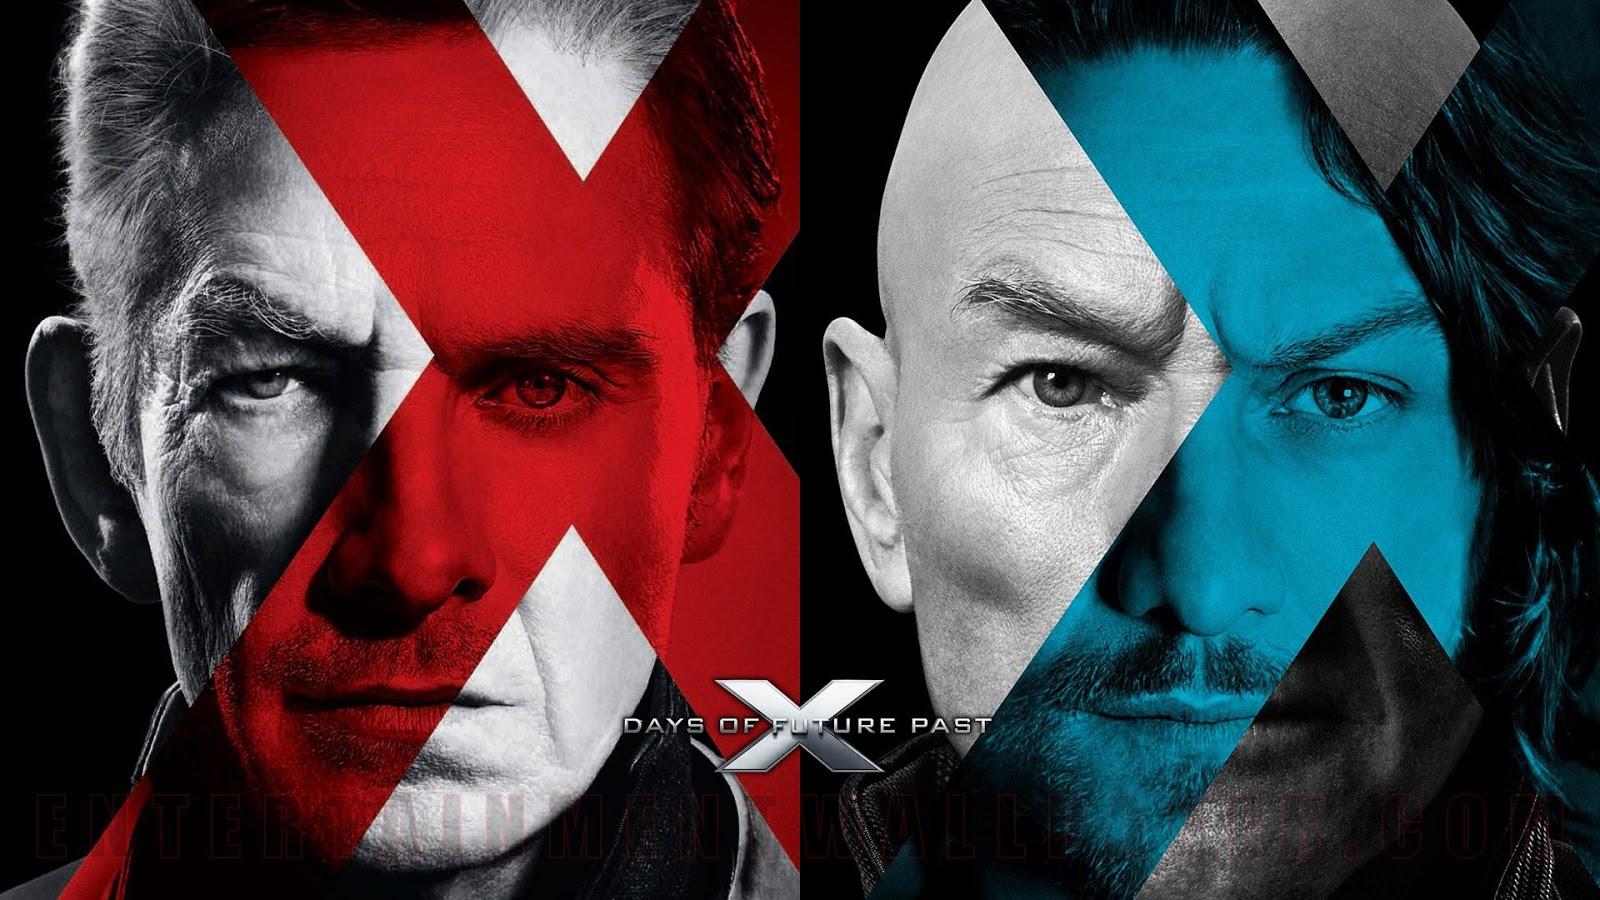 X-Men DOFP Michael Fassbender James McAvoy Patrick Stewart Ian McKellen